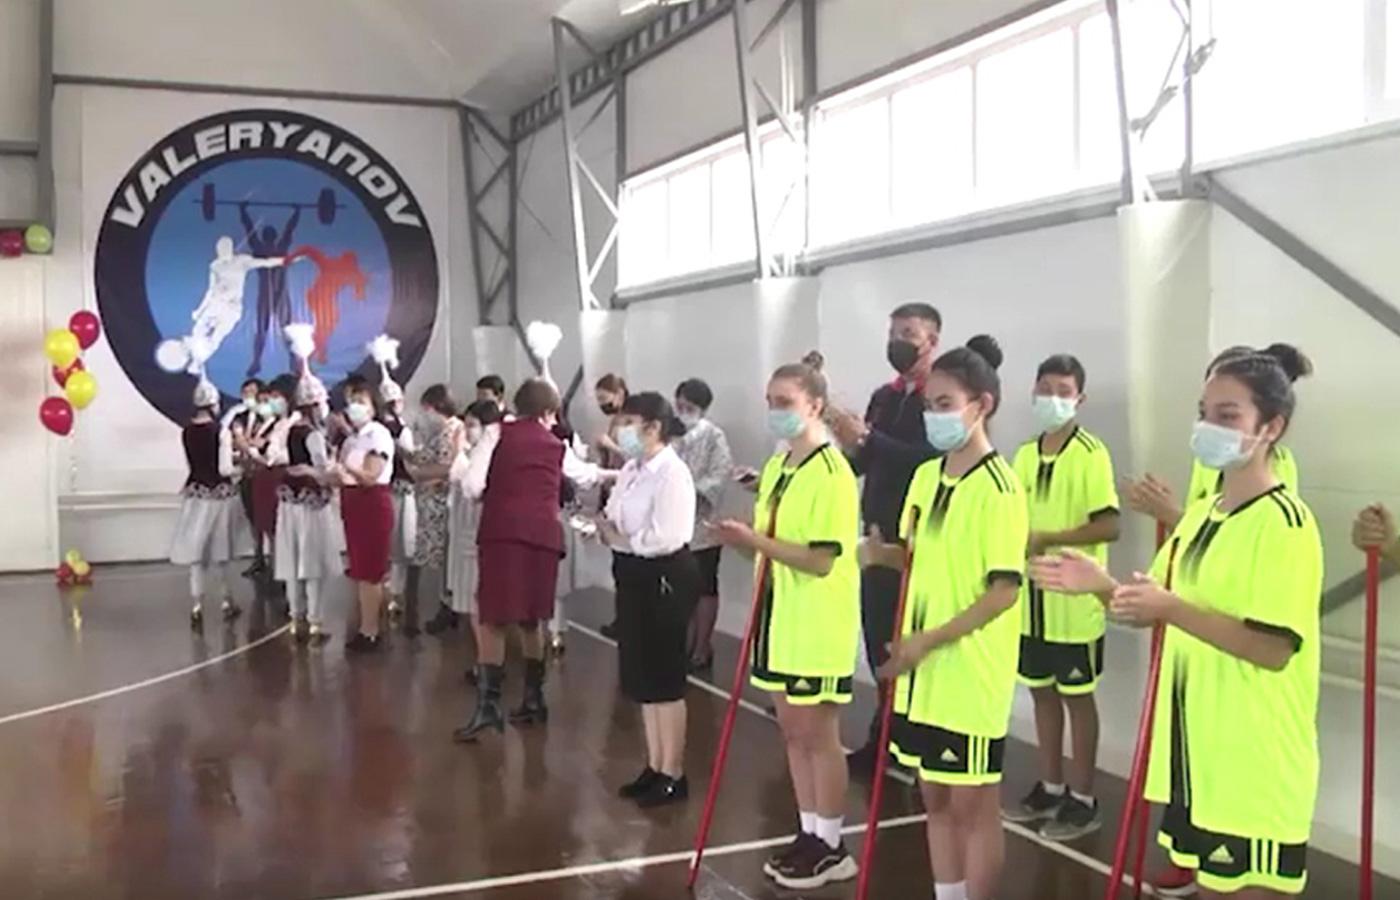 ВИДЕО: Семья Рау подарила спортзал родной школе